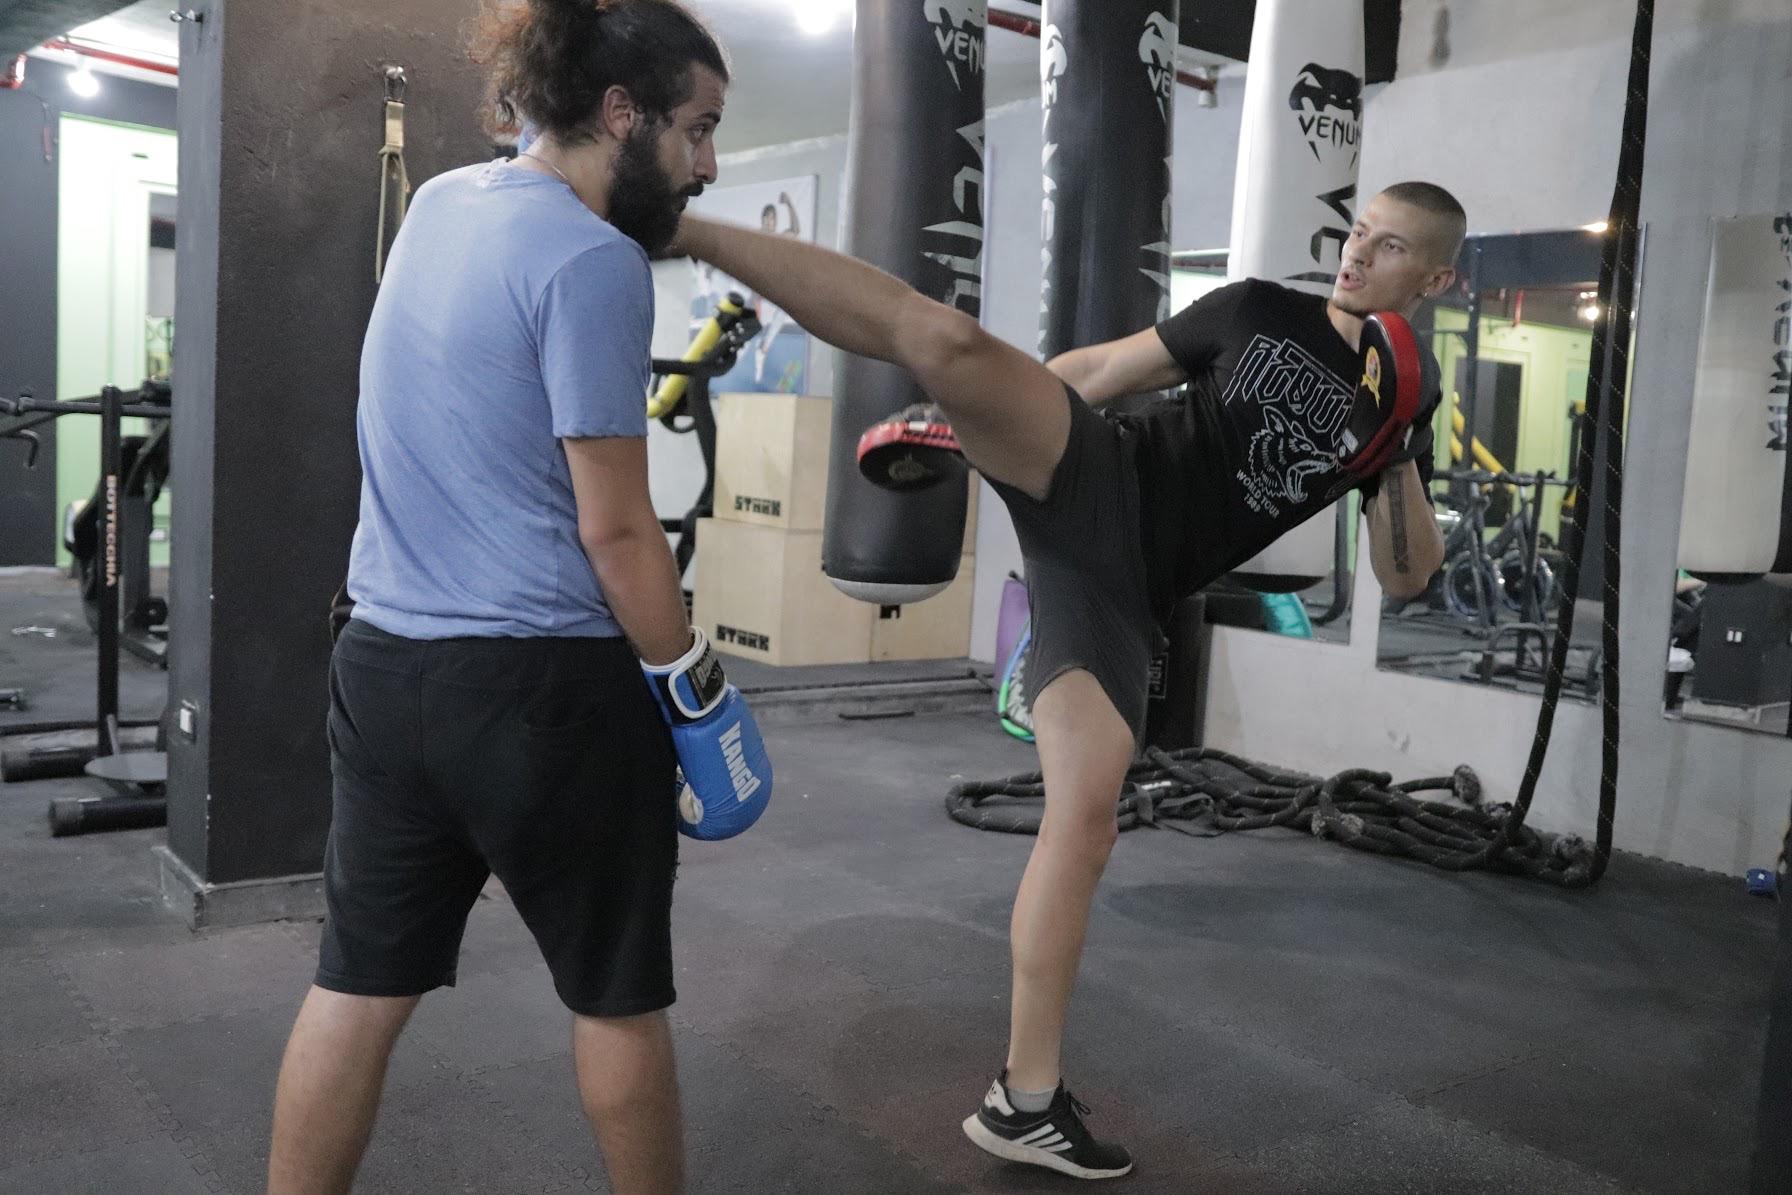 Kick Boxing Session